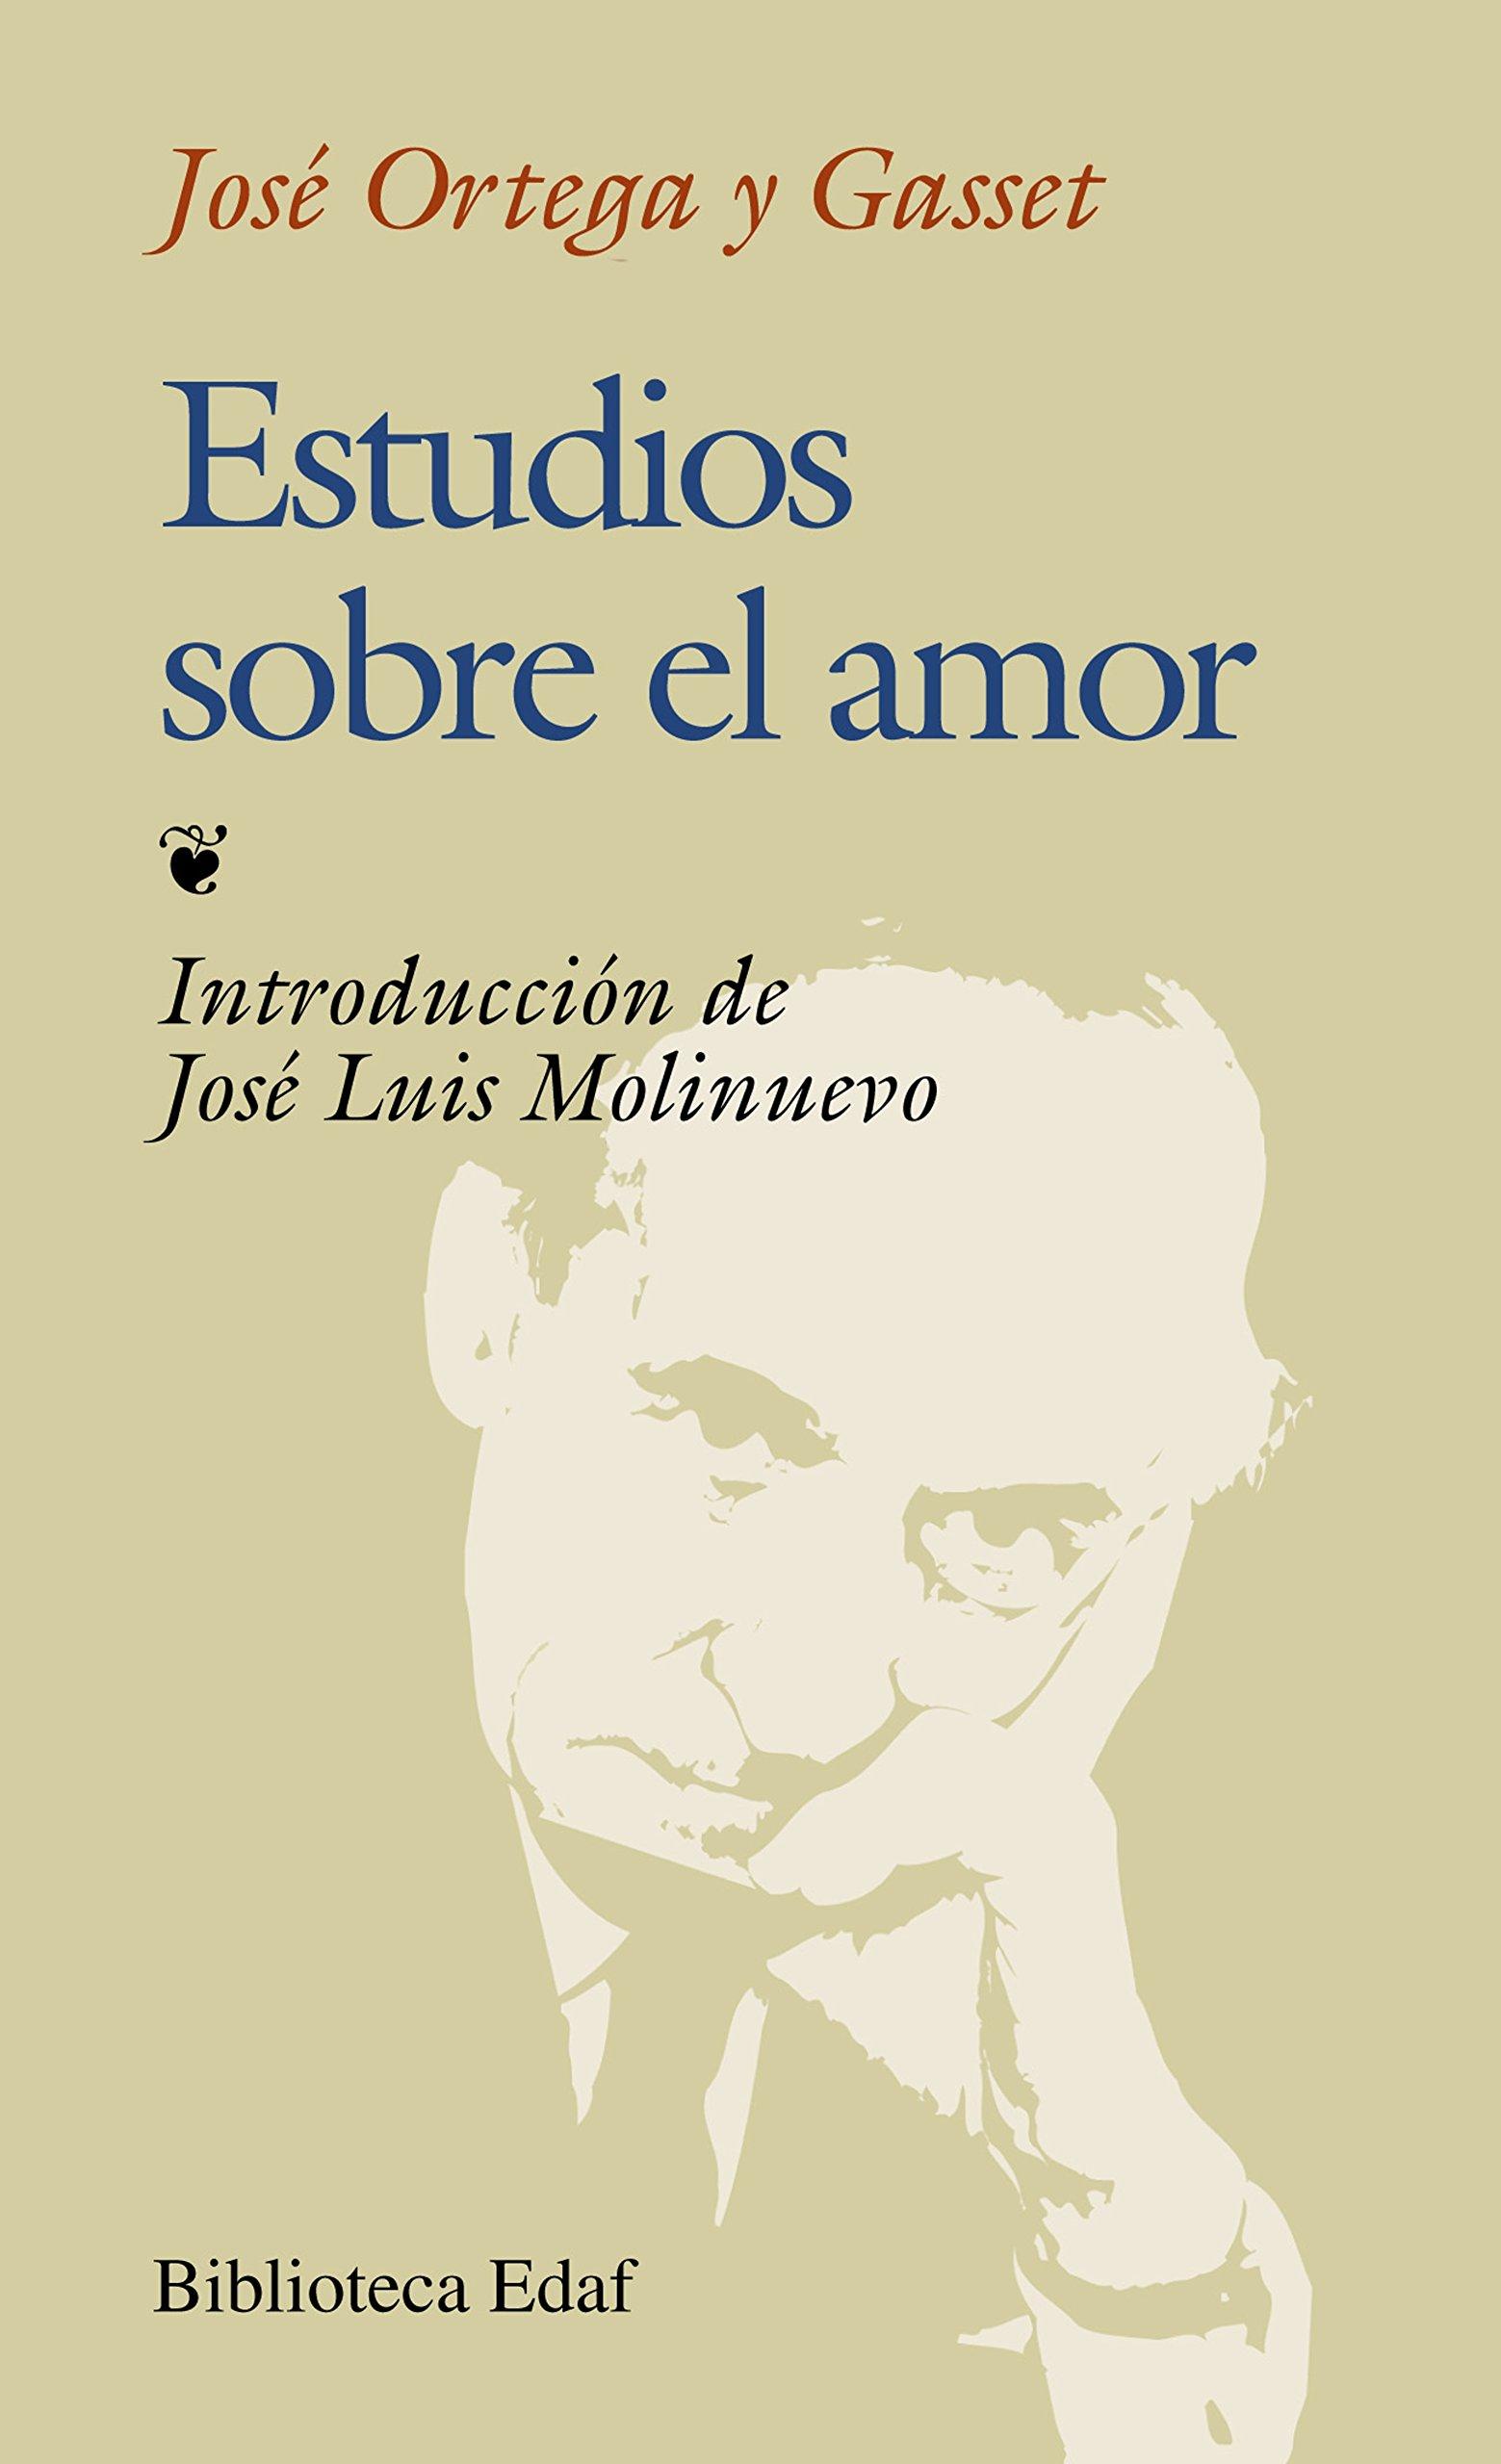 Estudios sobre el amor: Jose Ortega y Gasset, José Ortega y Gaset: 9788476409411: Amazon.com: Books